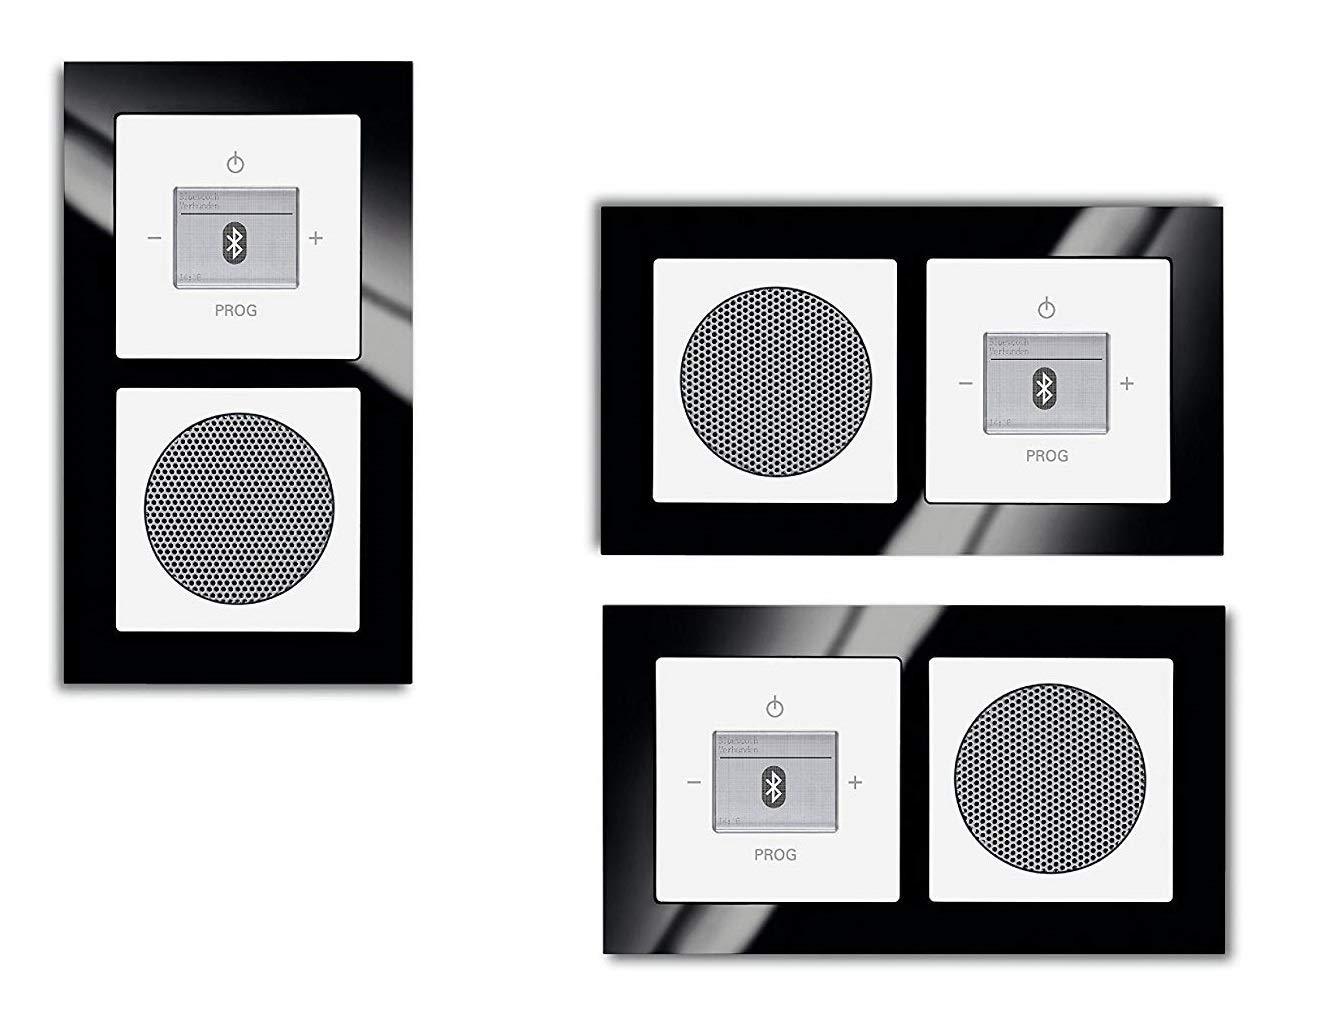 unique Cadre 2/voies 1722 Cadre en verre 825/+ Plaques de recouvrement Haut-parleur Future Linear Studio Blanc////Radio Noir Busch-J/äger encastr/é Bluetooth Radio 8217/U 8217u